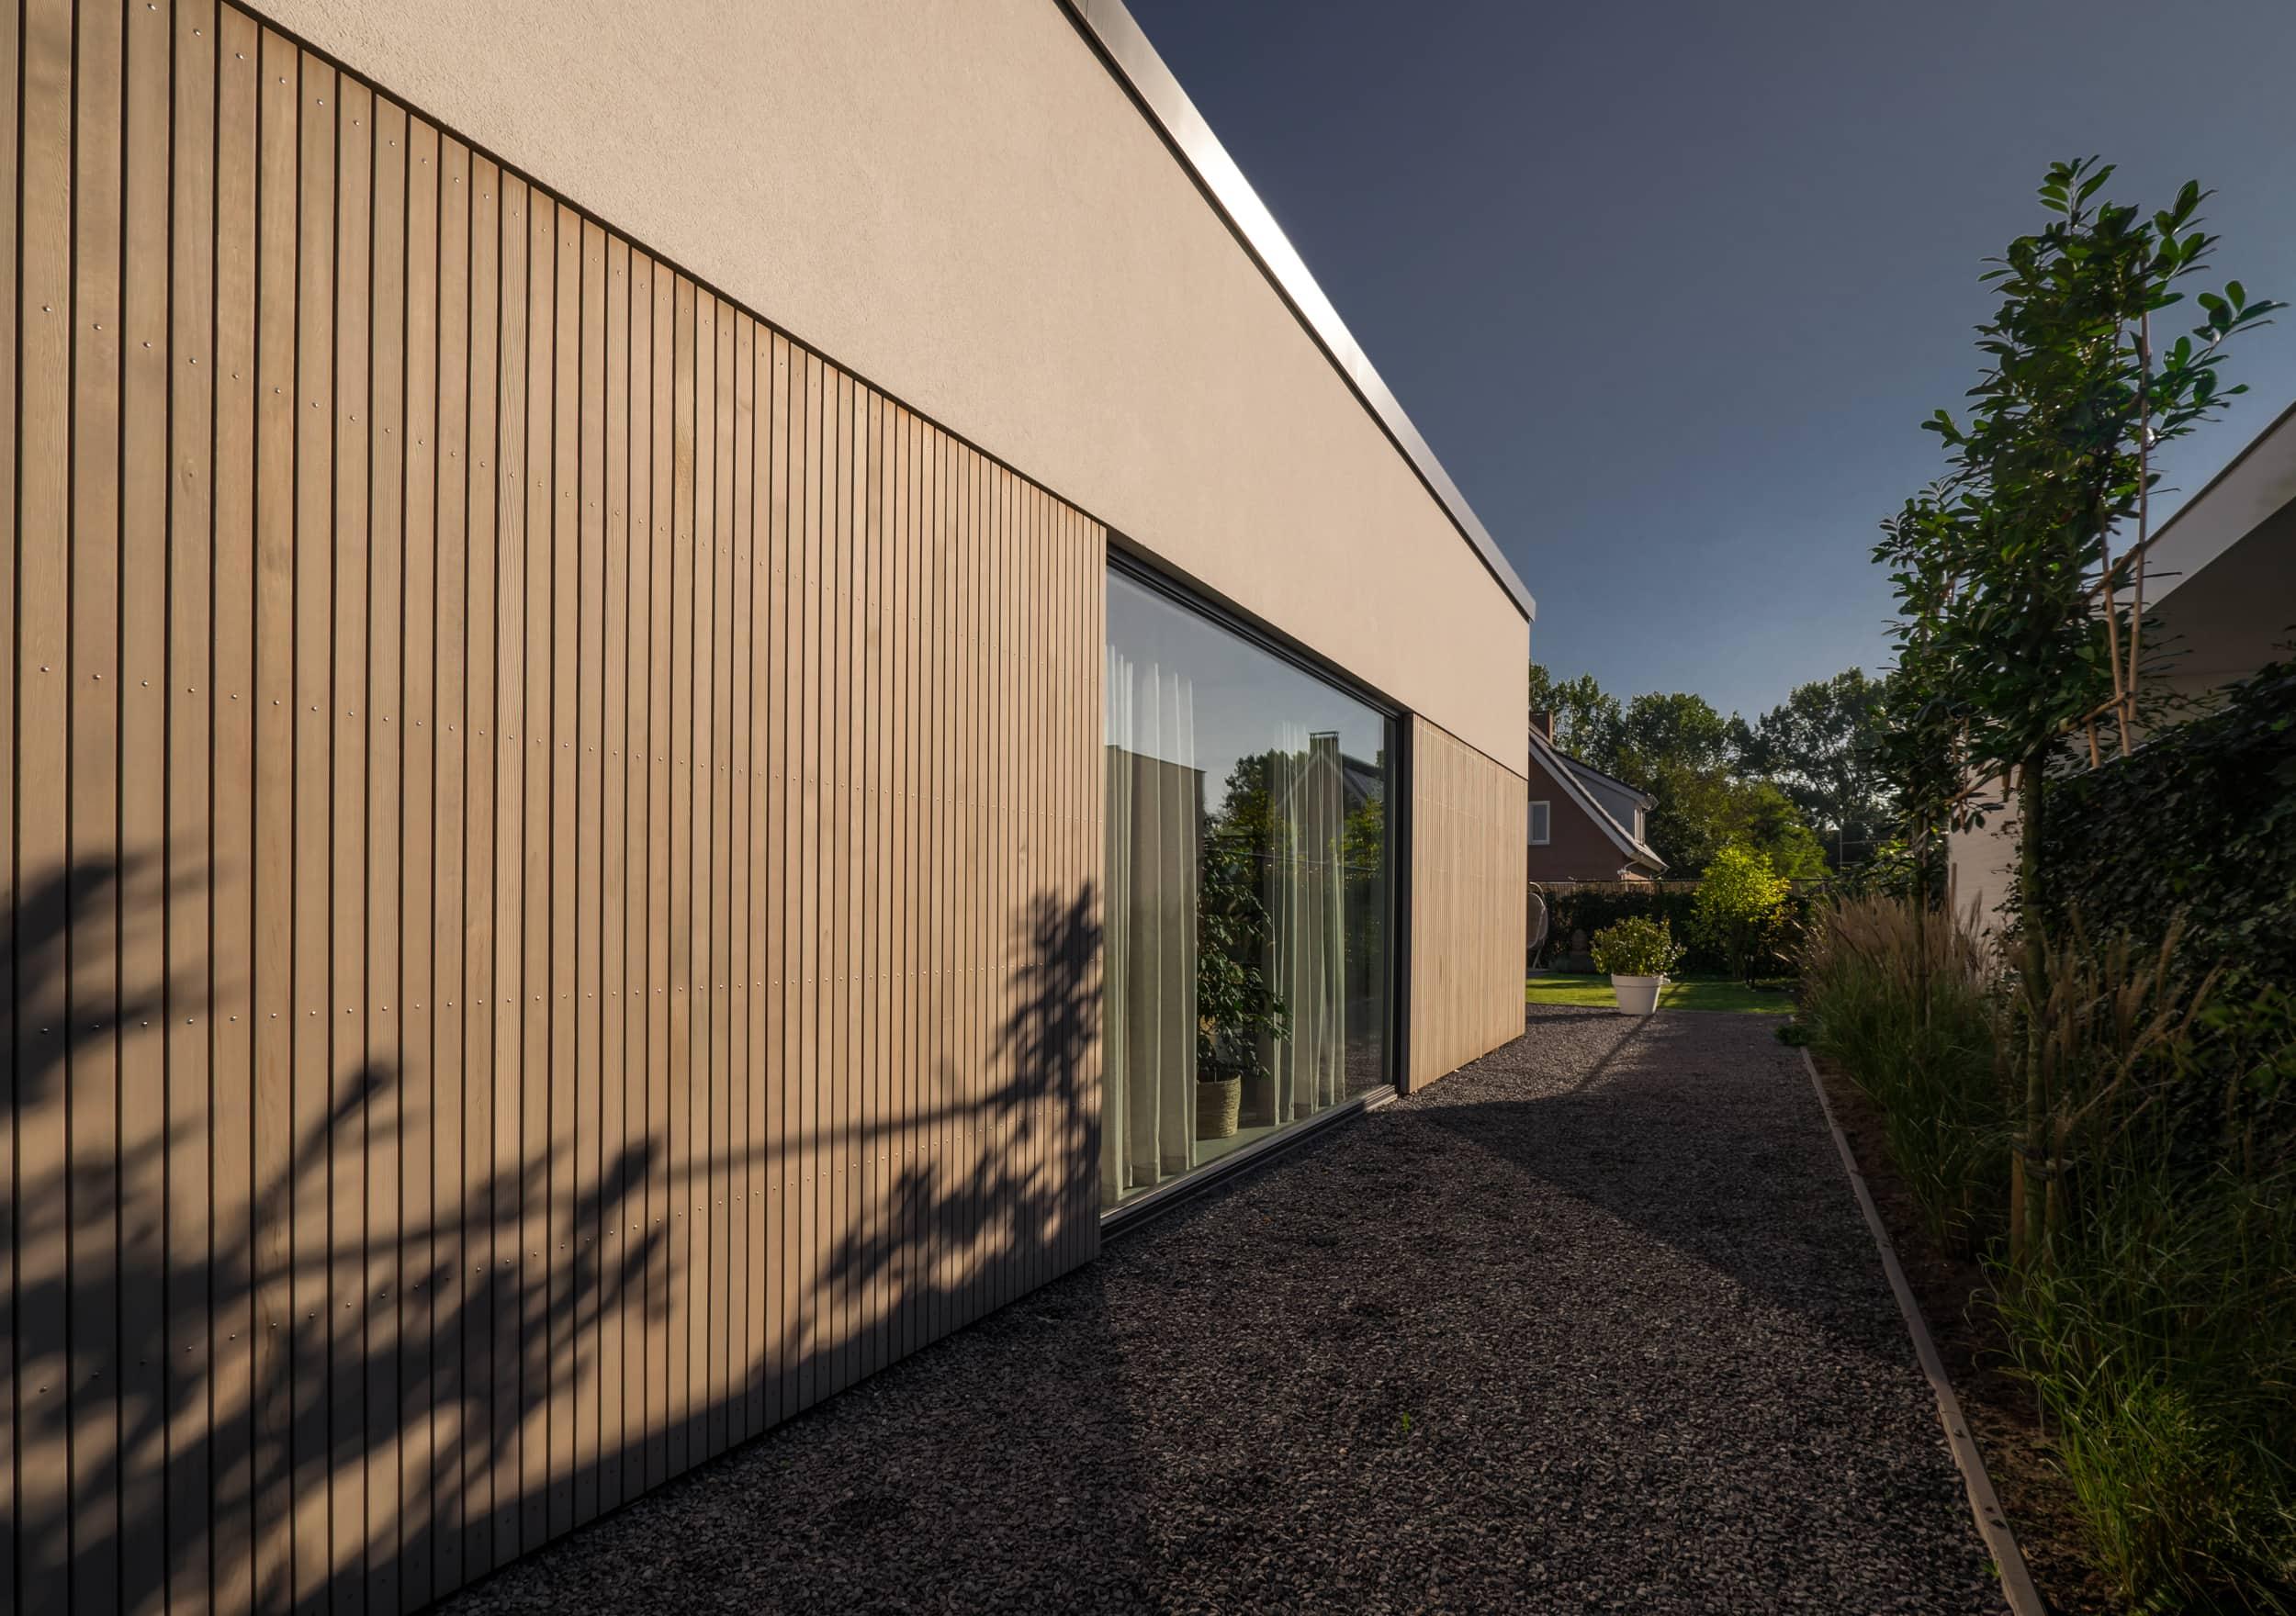 van-os-architecten-nieuwbouw-woning-Hoge-Gouw-Teteringen-westgevel-met-strakke-verticale-houten-gevelbekleding